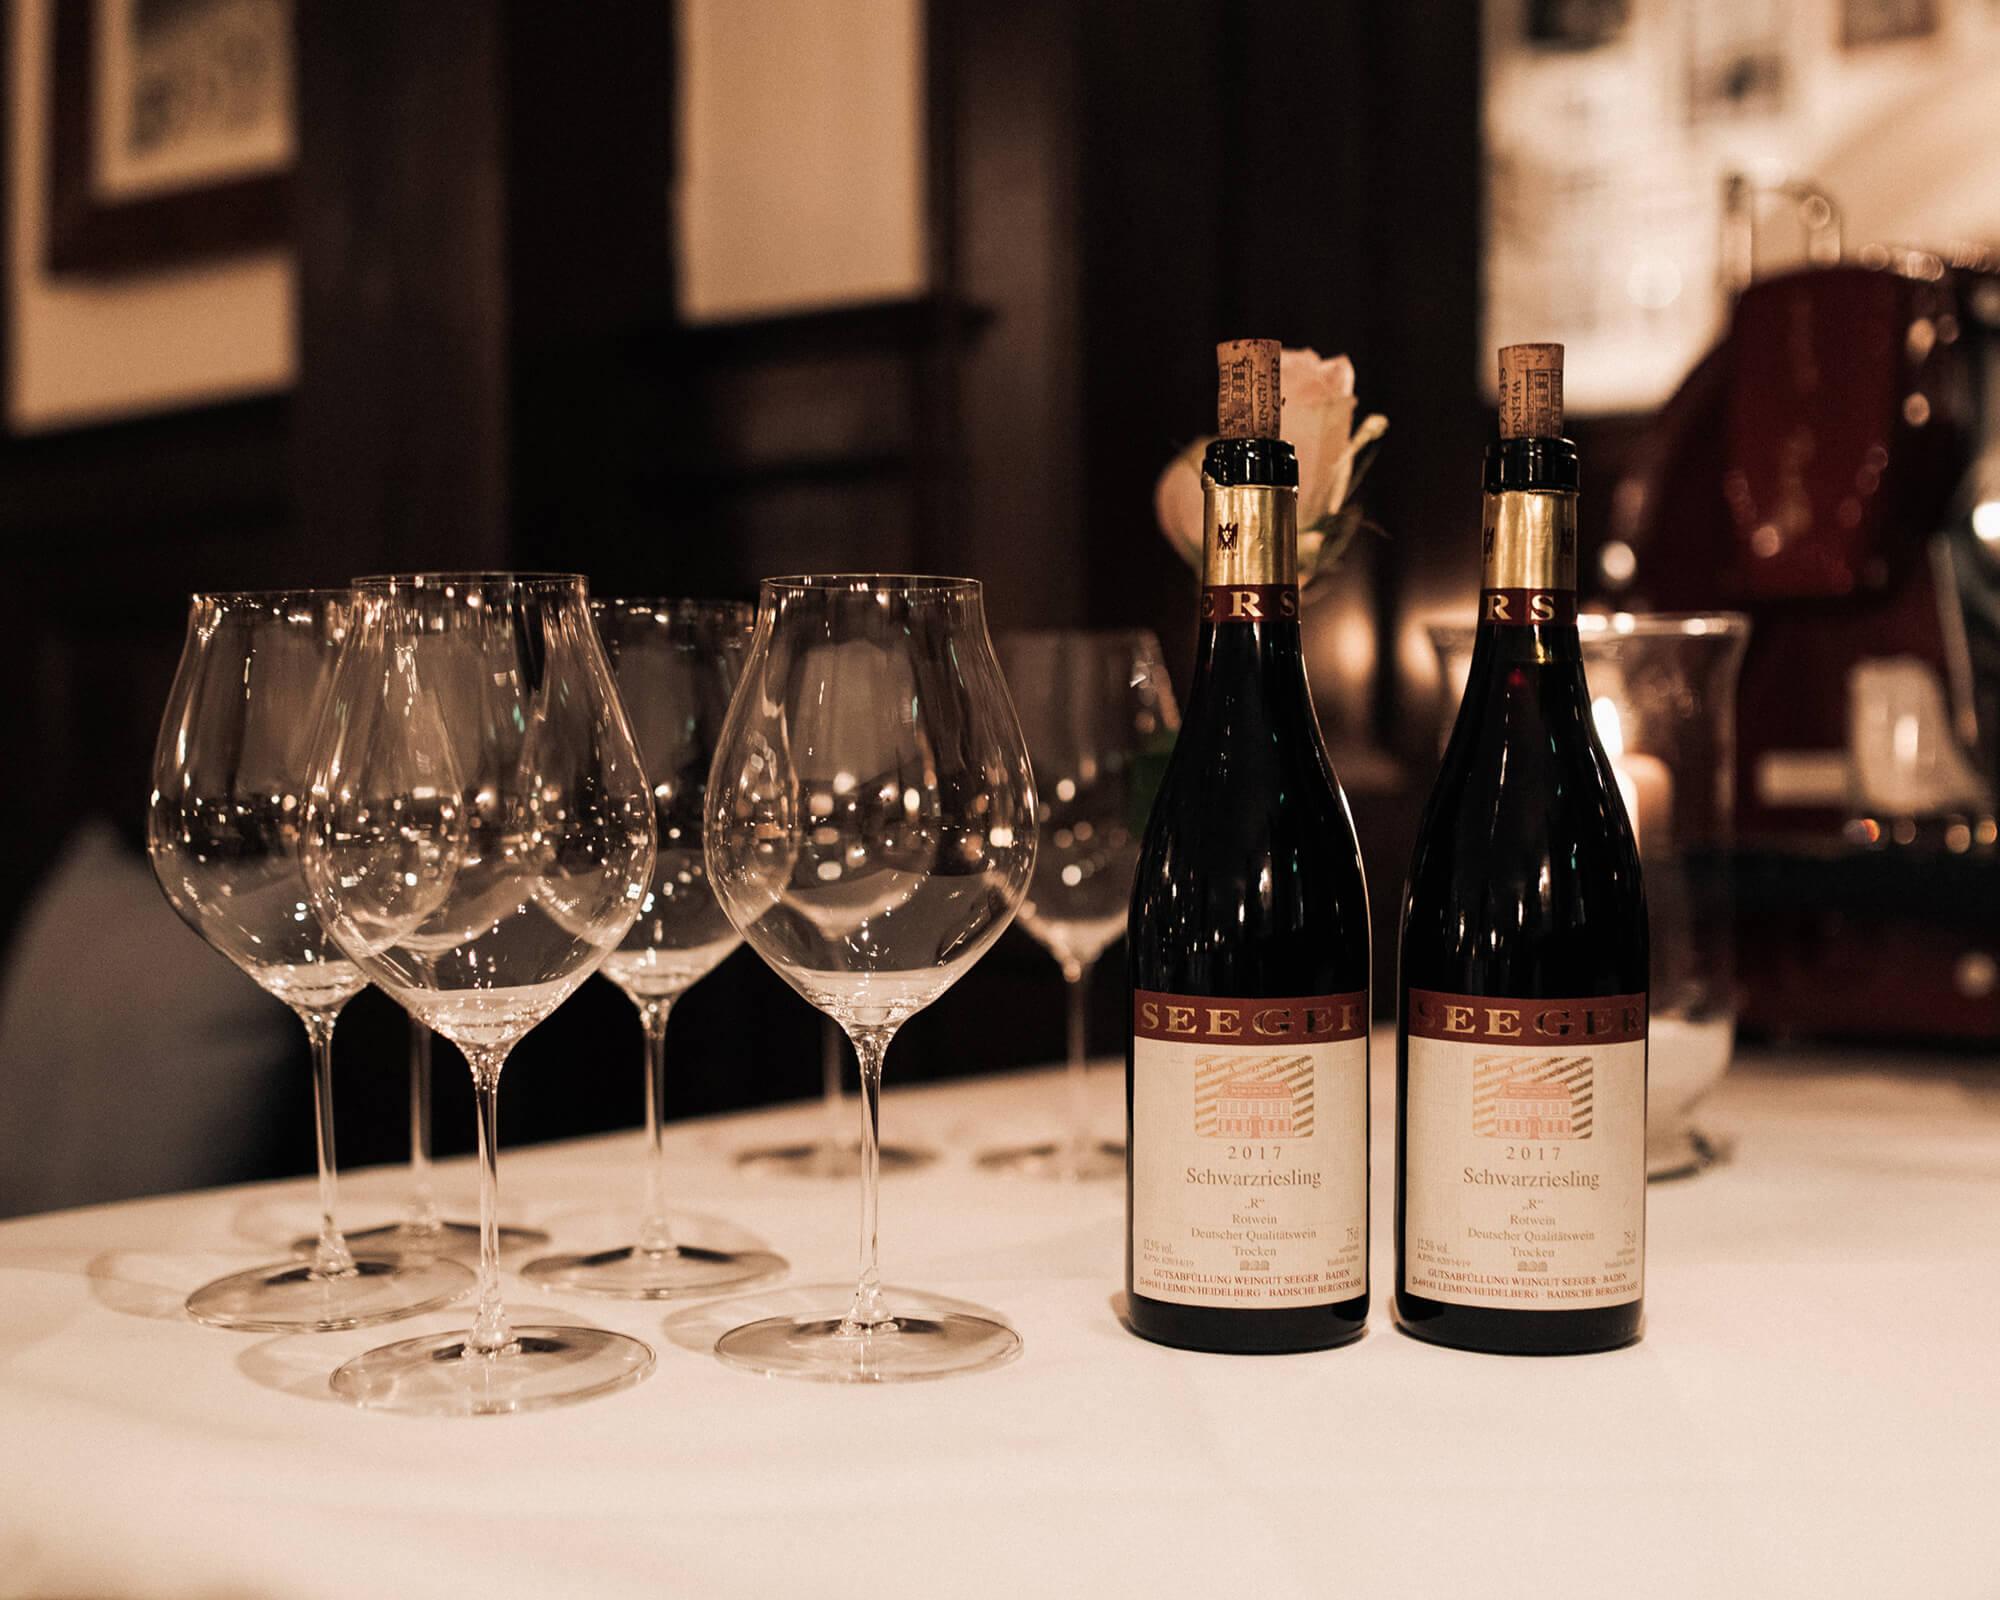 Die grosse Weingutspräsentation Thomas Seeger, Leimen